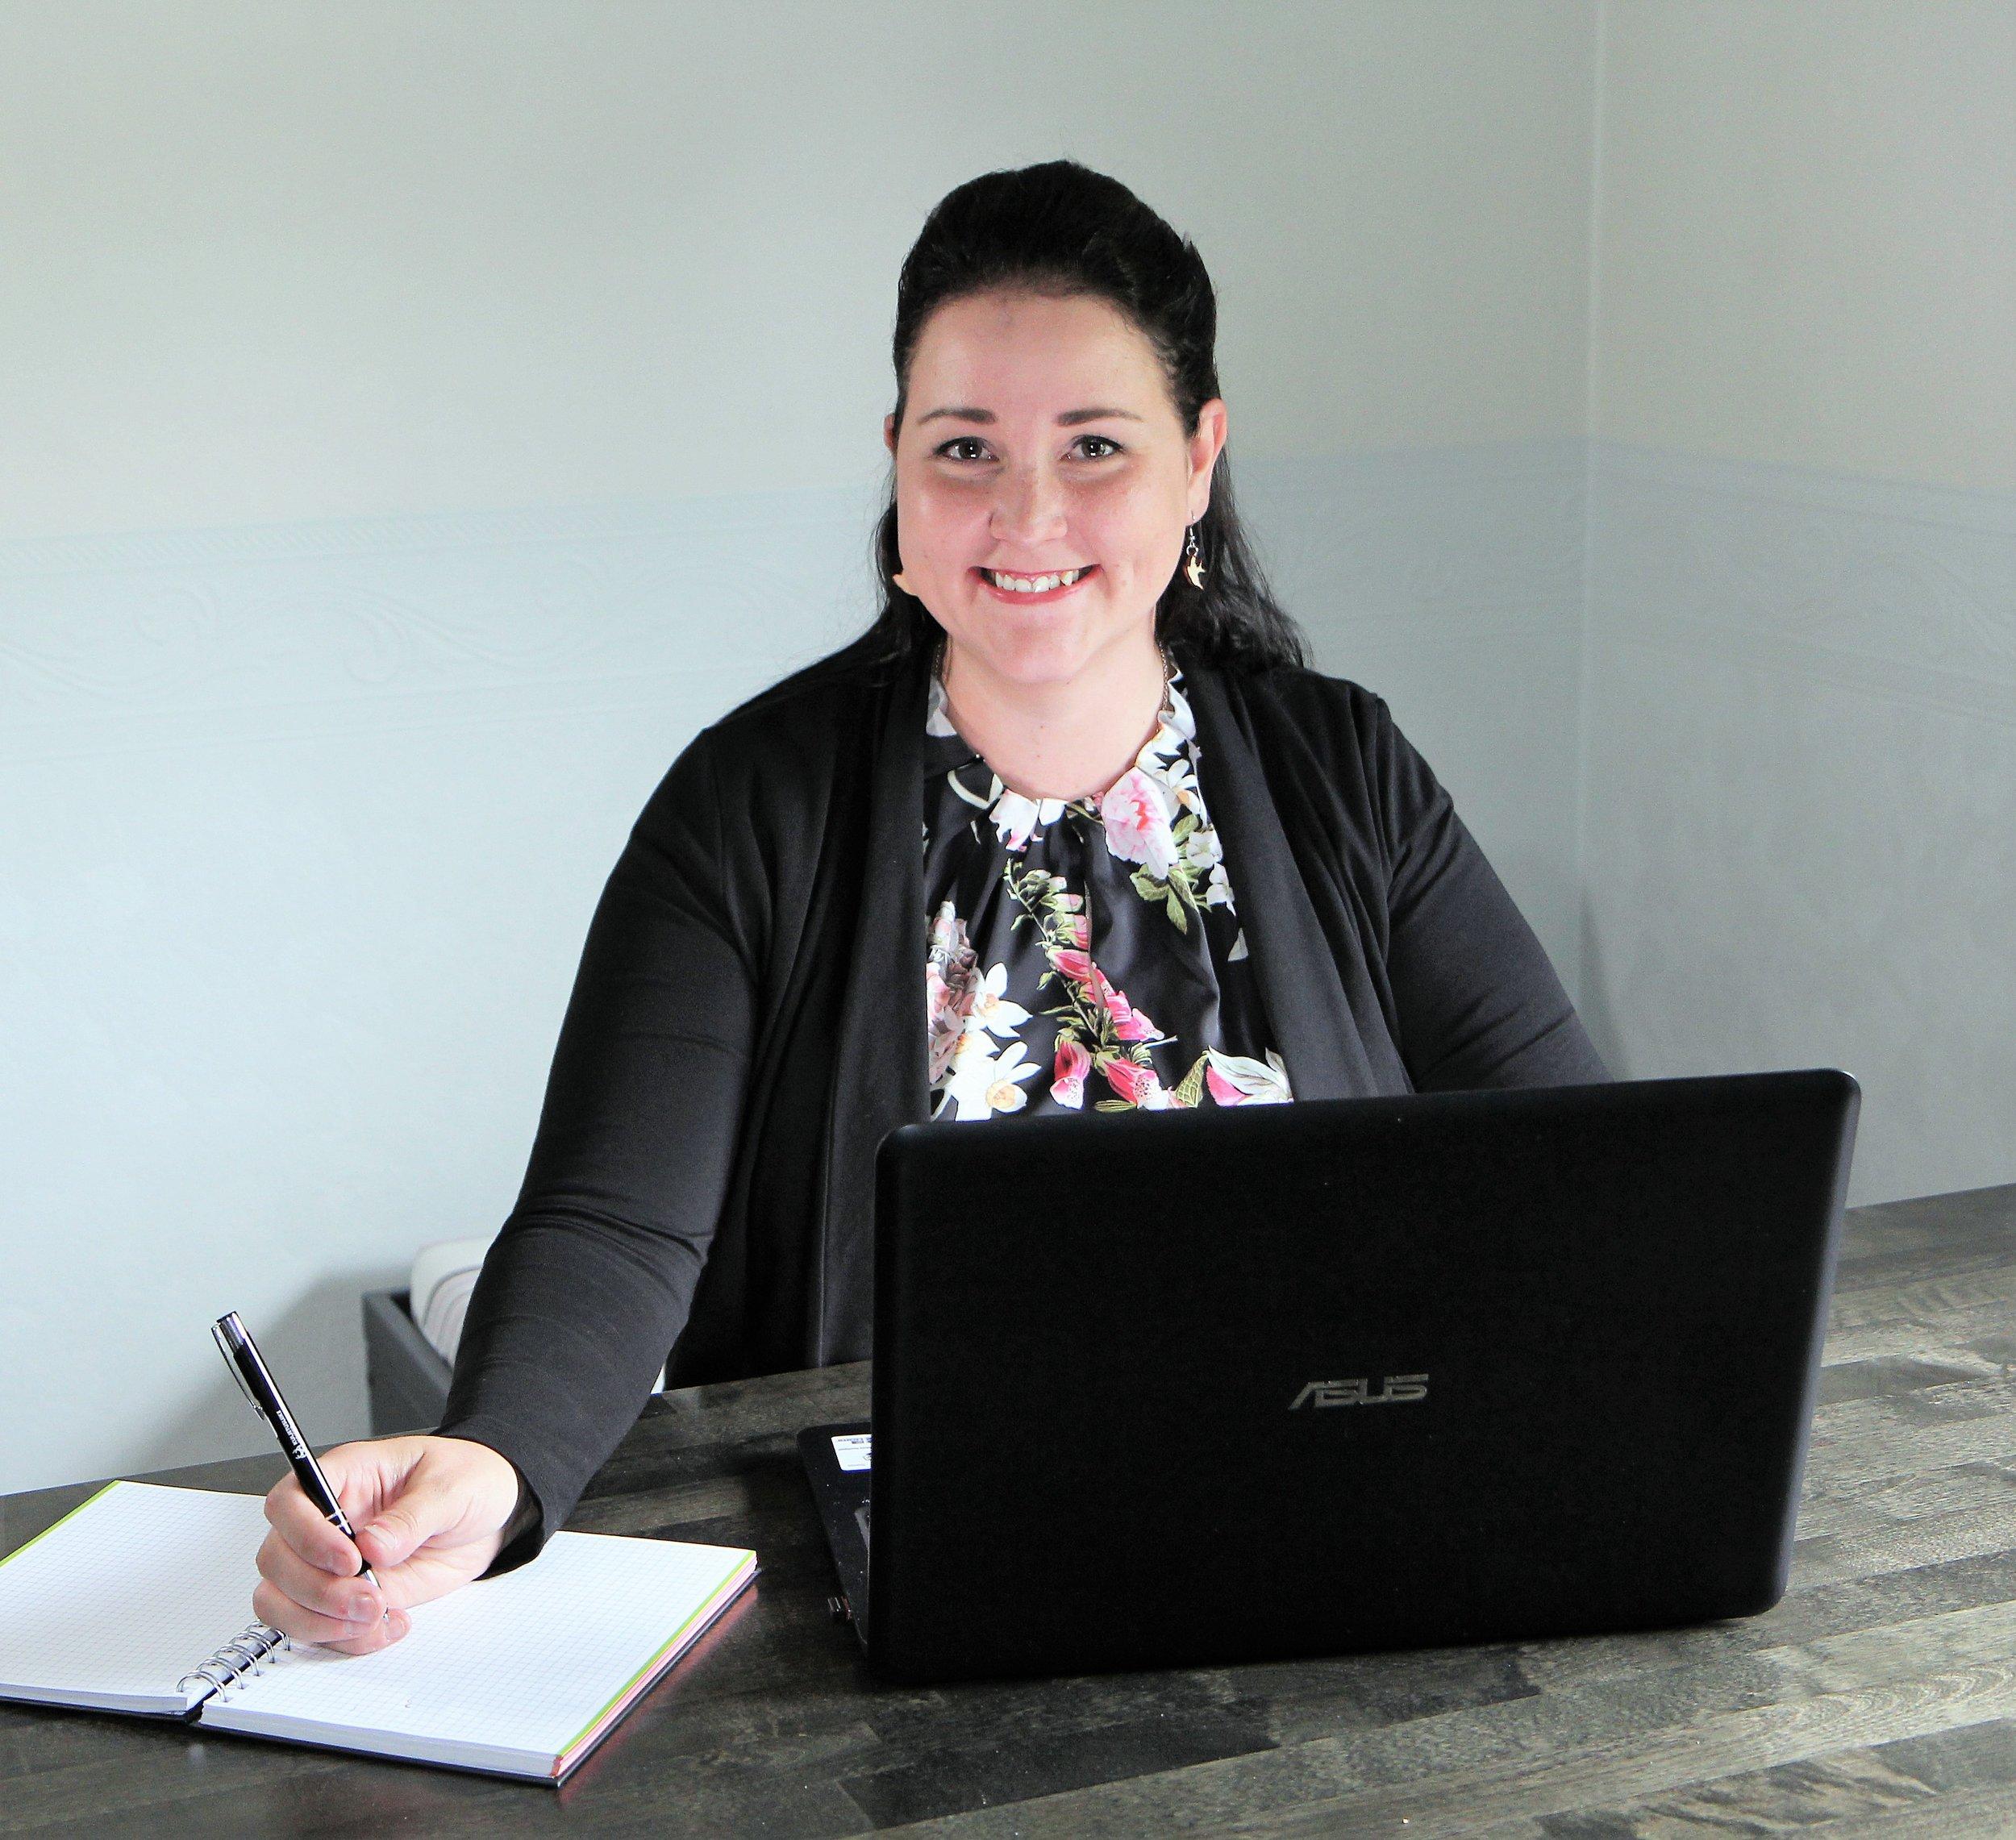 Eliisa Lintula - Asiakaskoordinaattori, Porokello